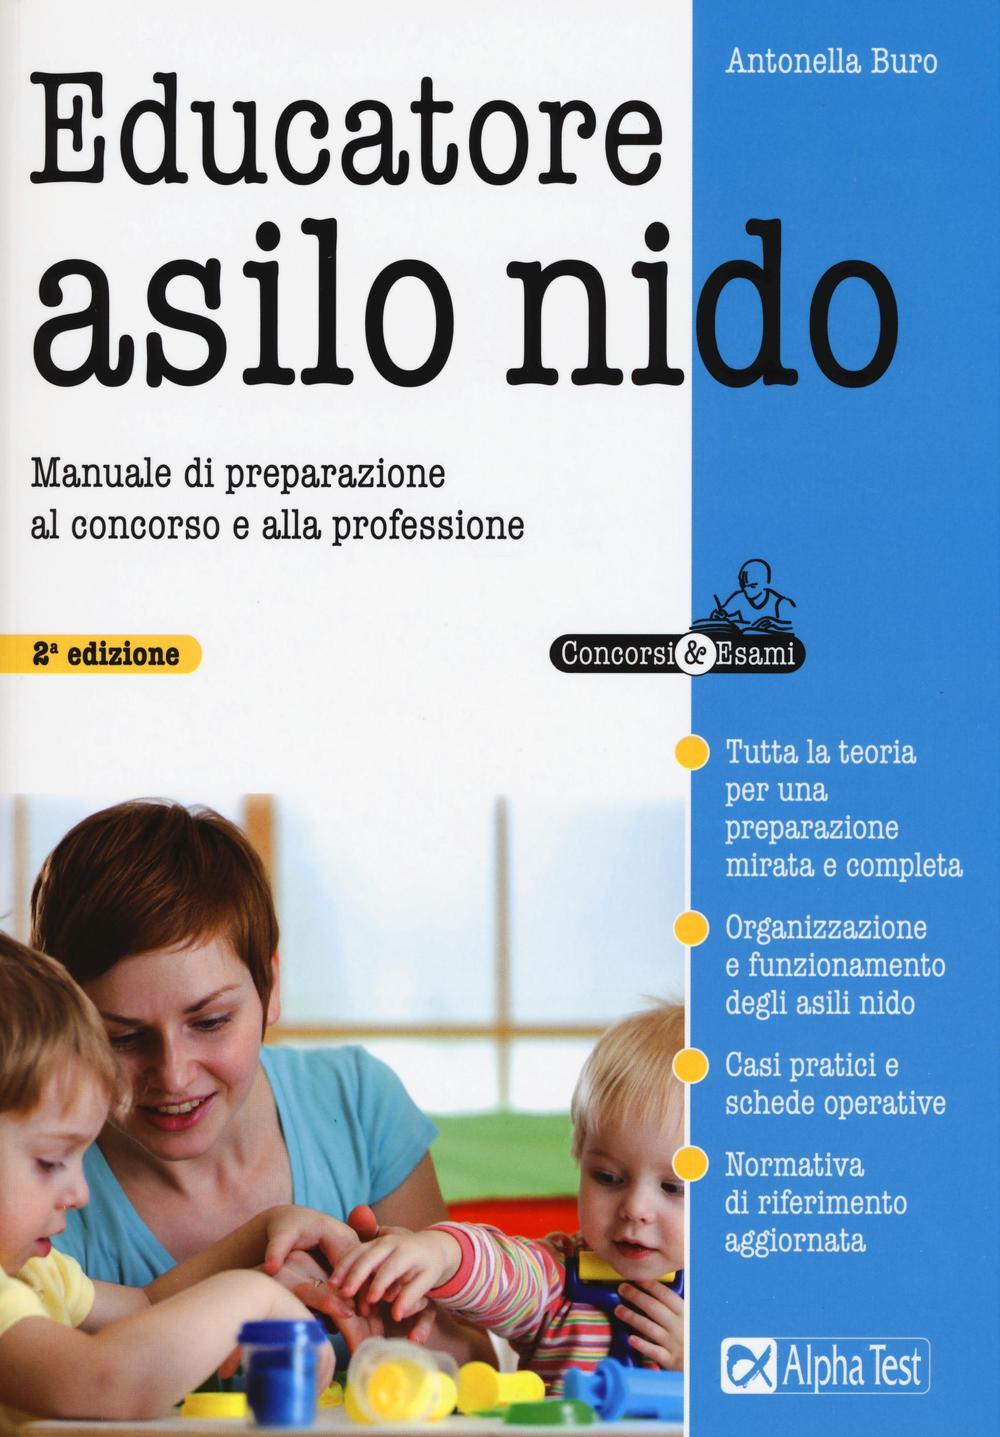 Educatore asilo nido. Manuale di preparazione al concorso e alla professione